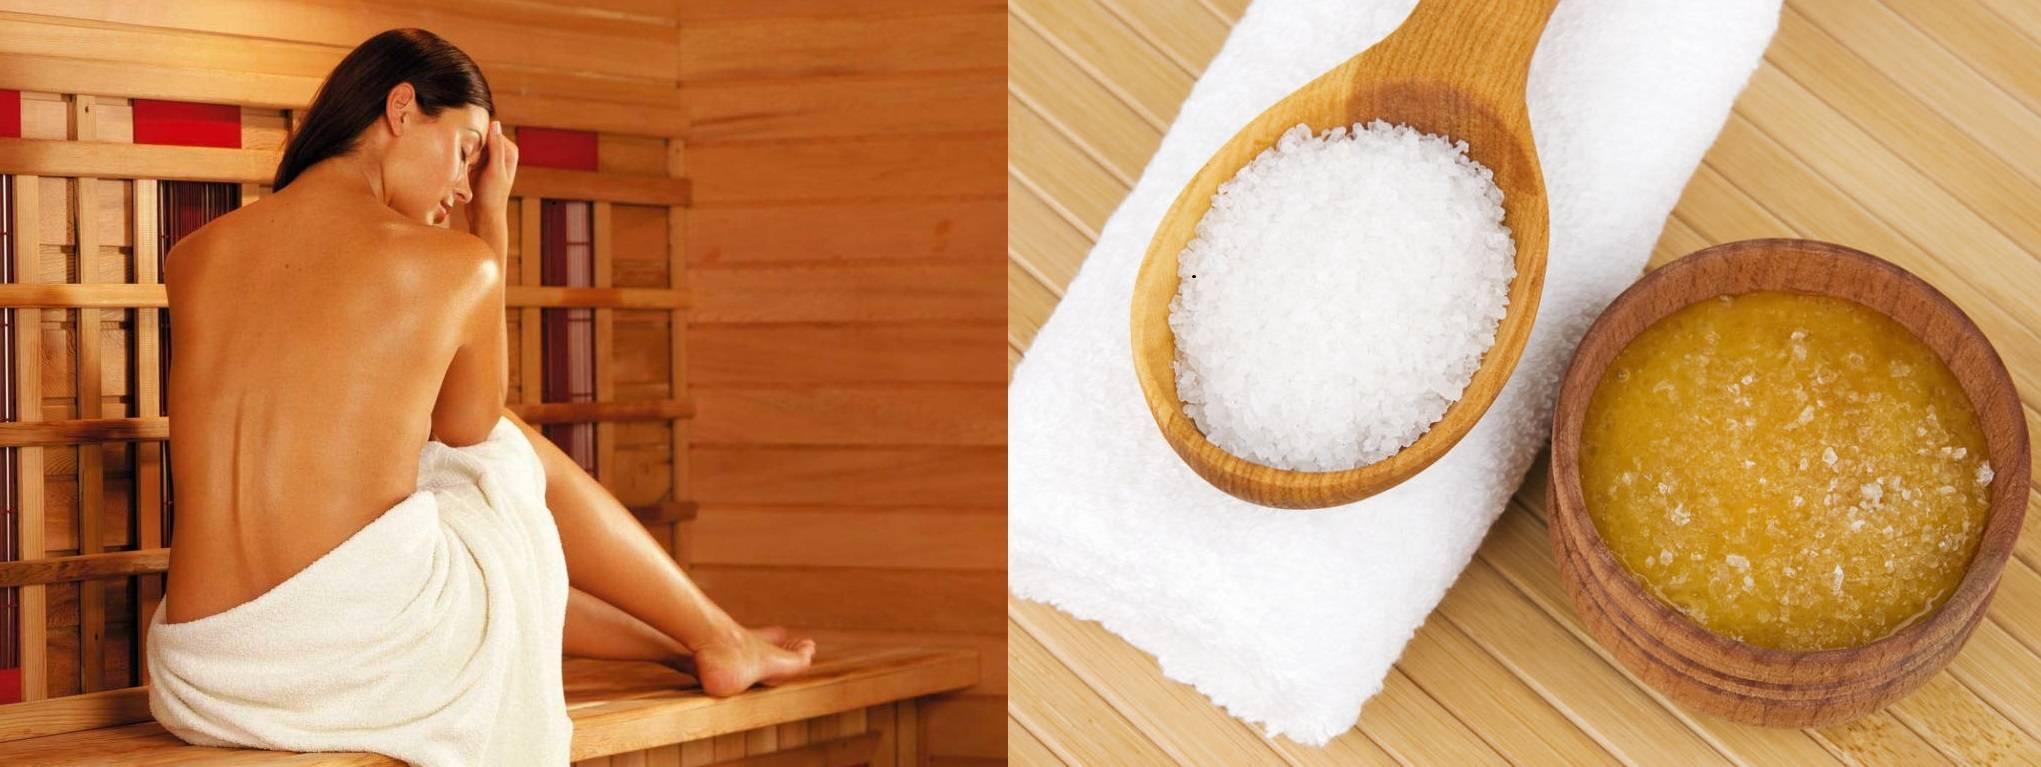 Посещение бани при остеохондрозе: основные правила и ограничения